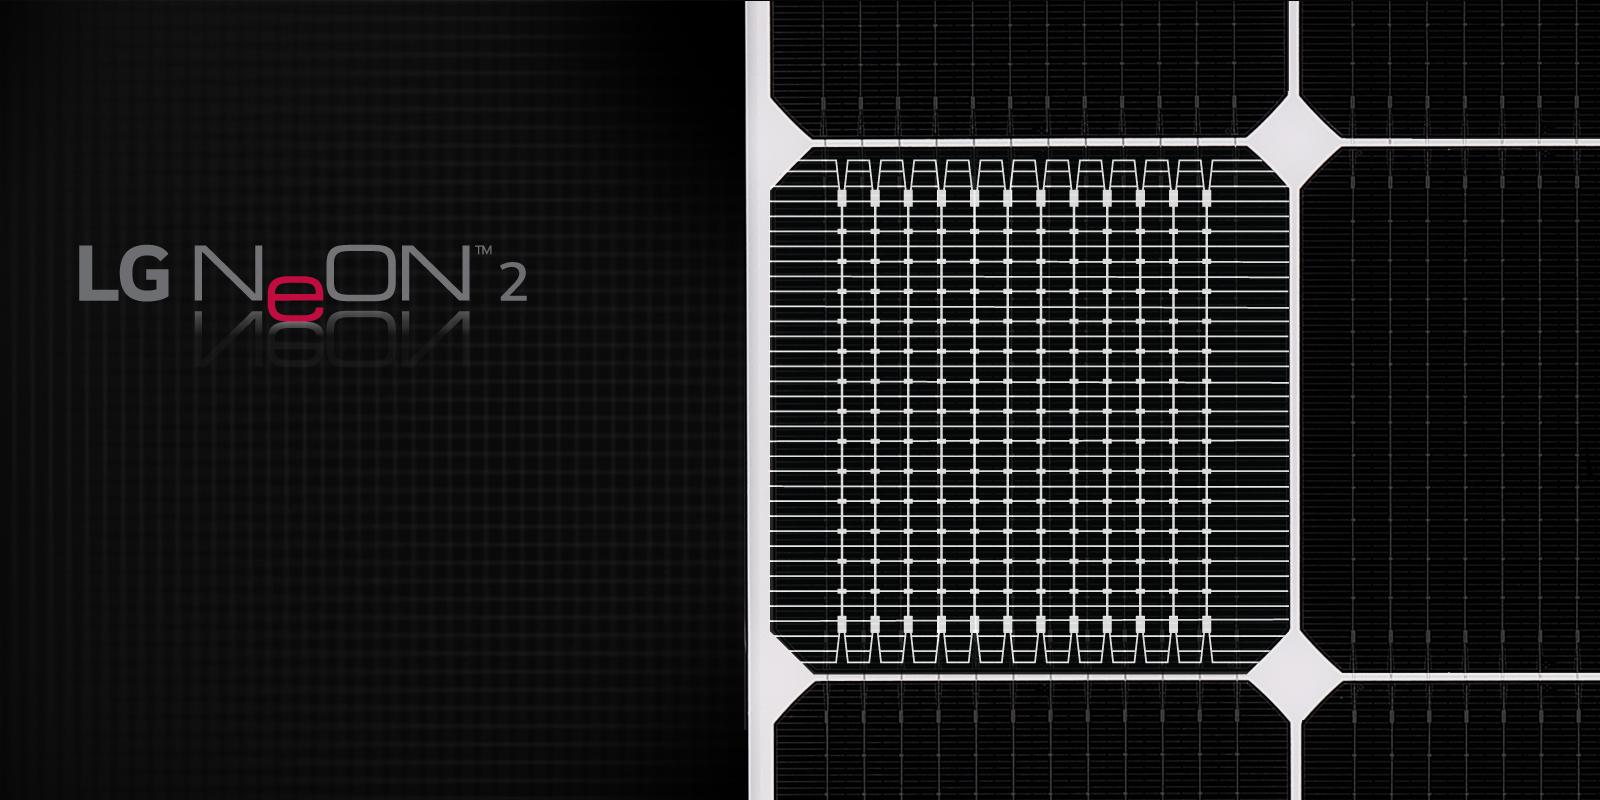 LG-Solar-Neon-2 - PSW Energy